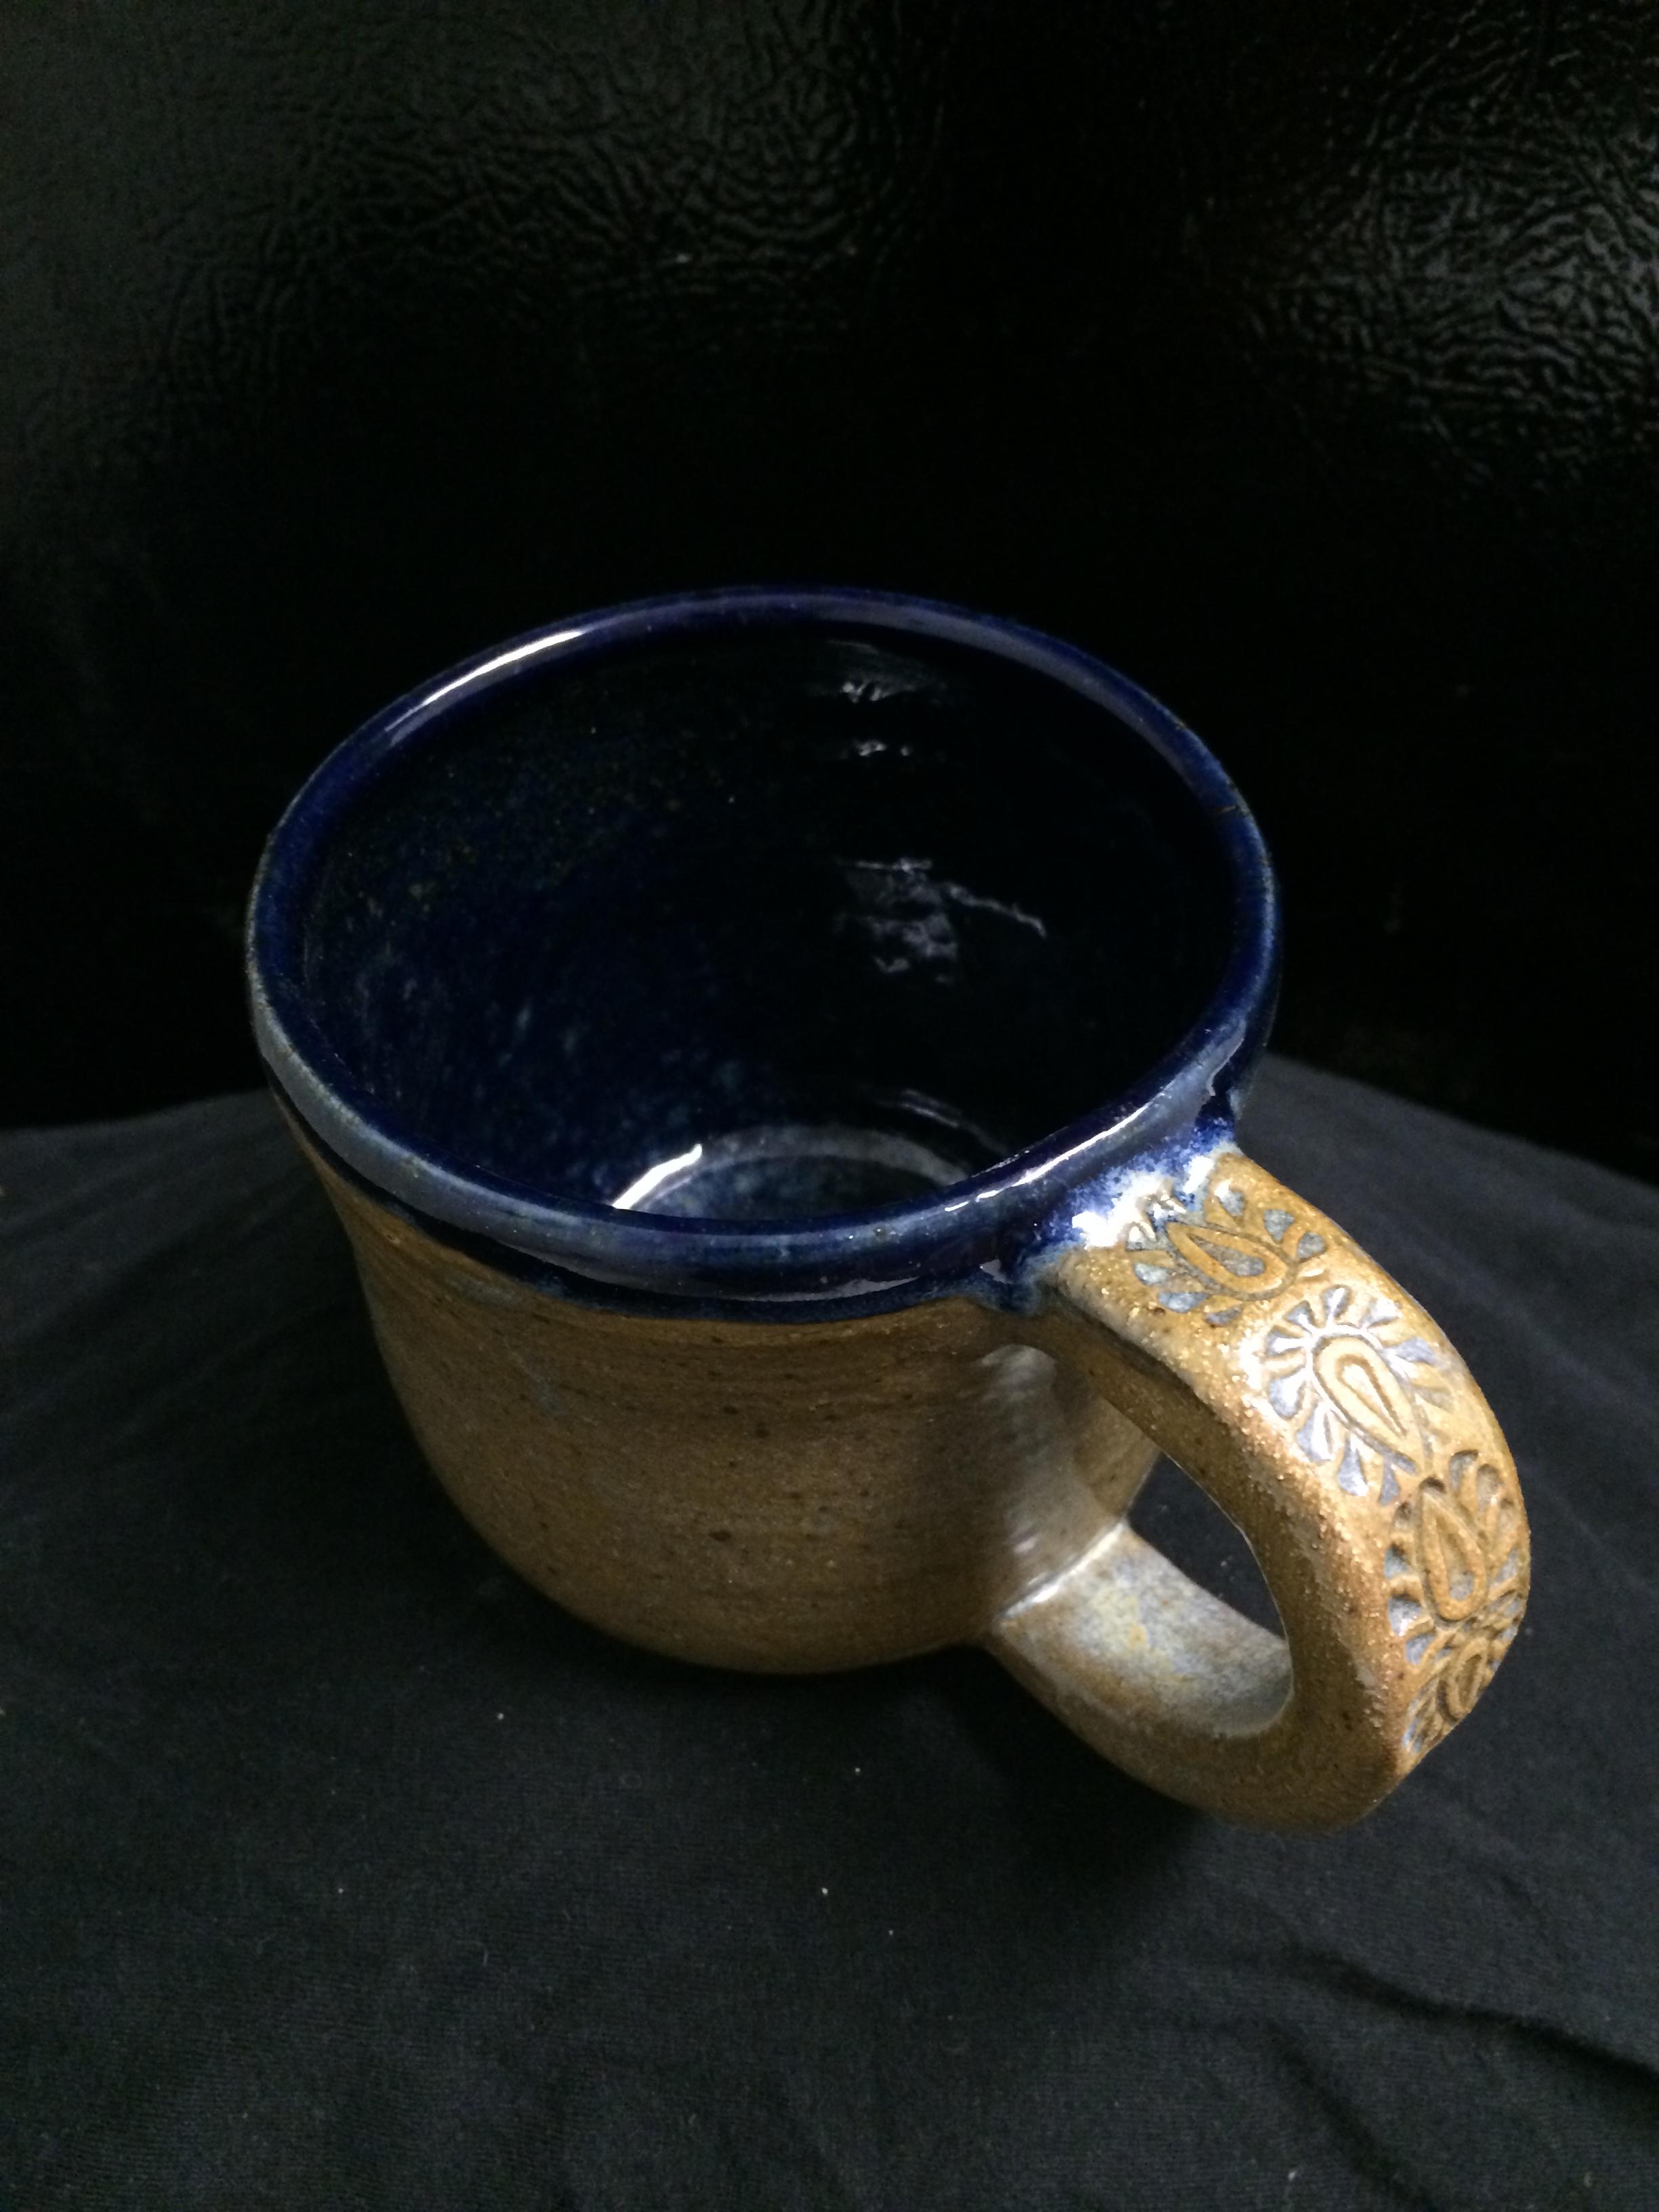 Decorative handle mug